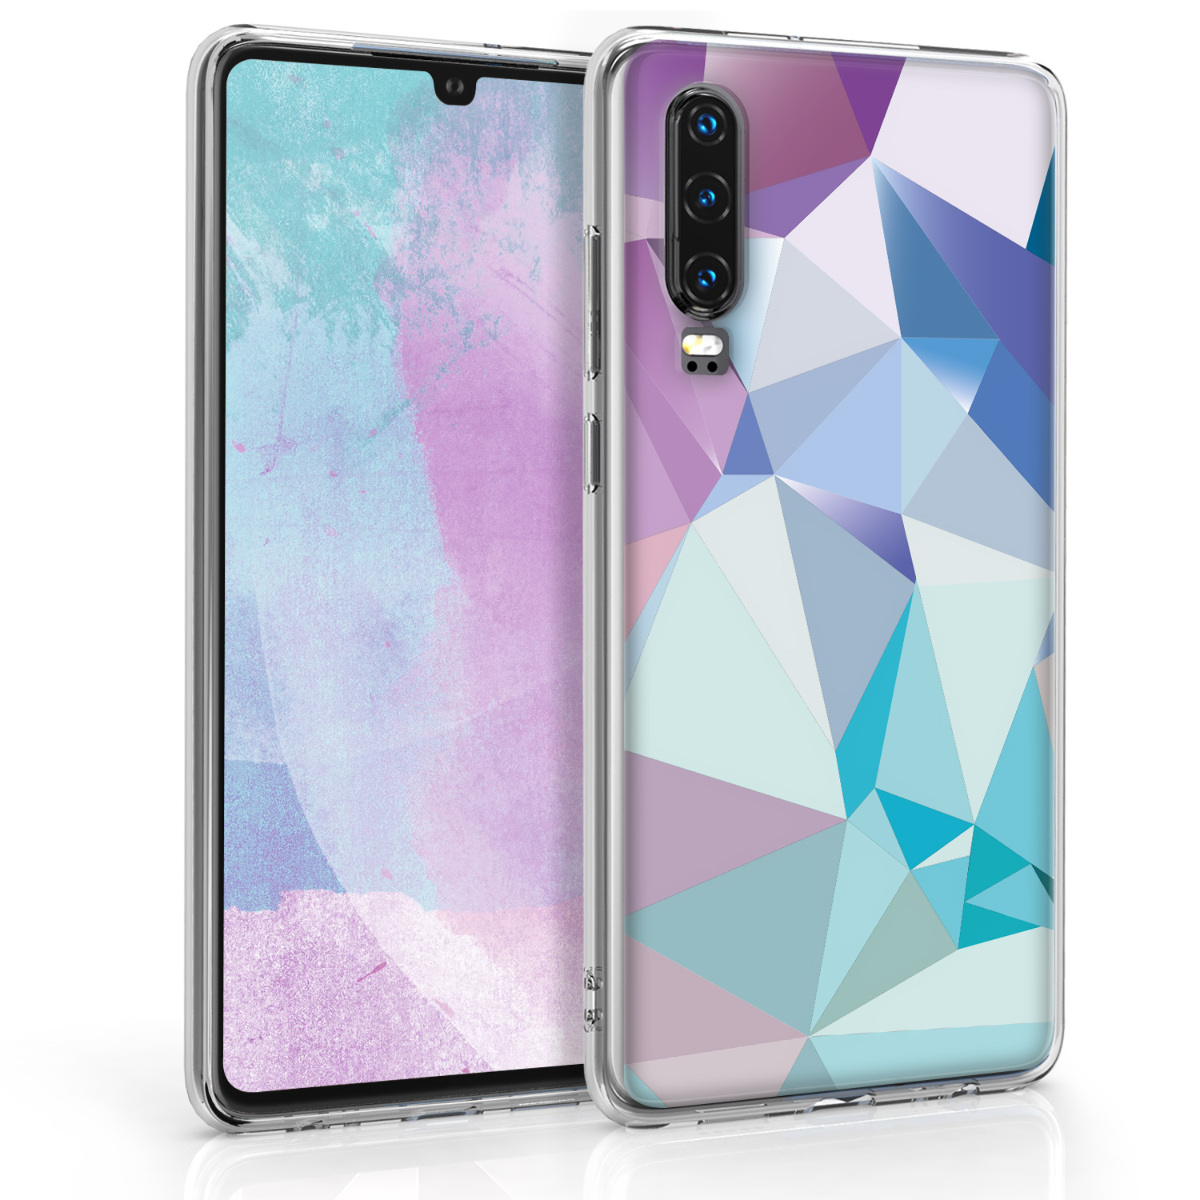 Silikonové pouzdro / obal pro Huawei P30